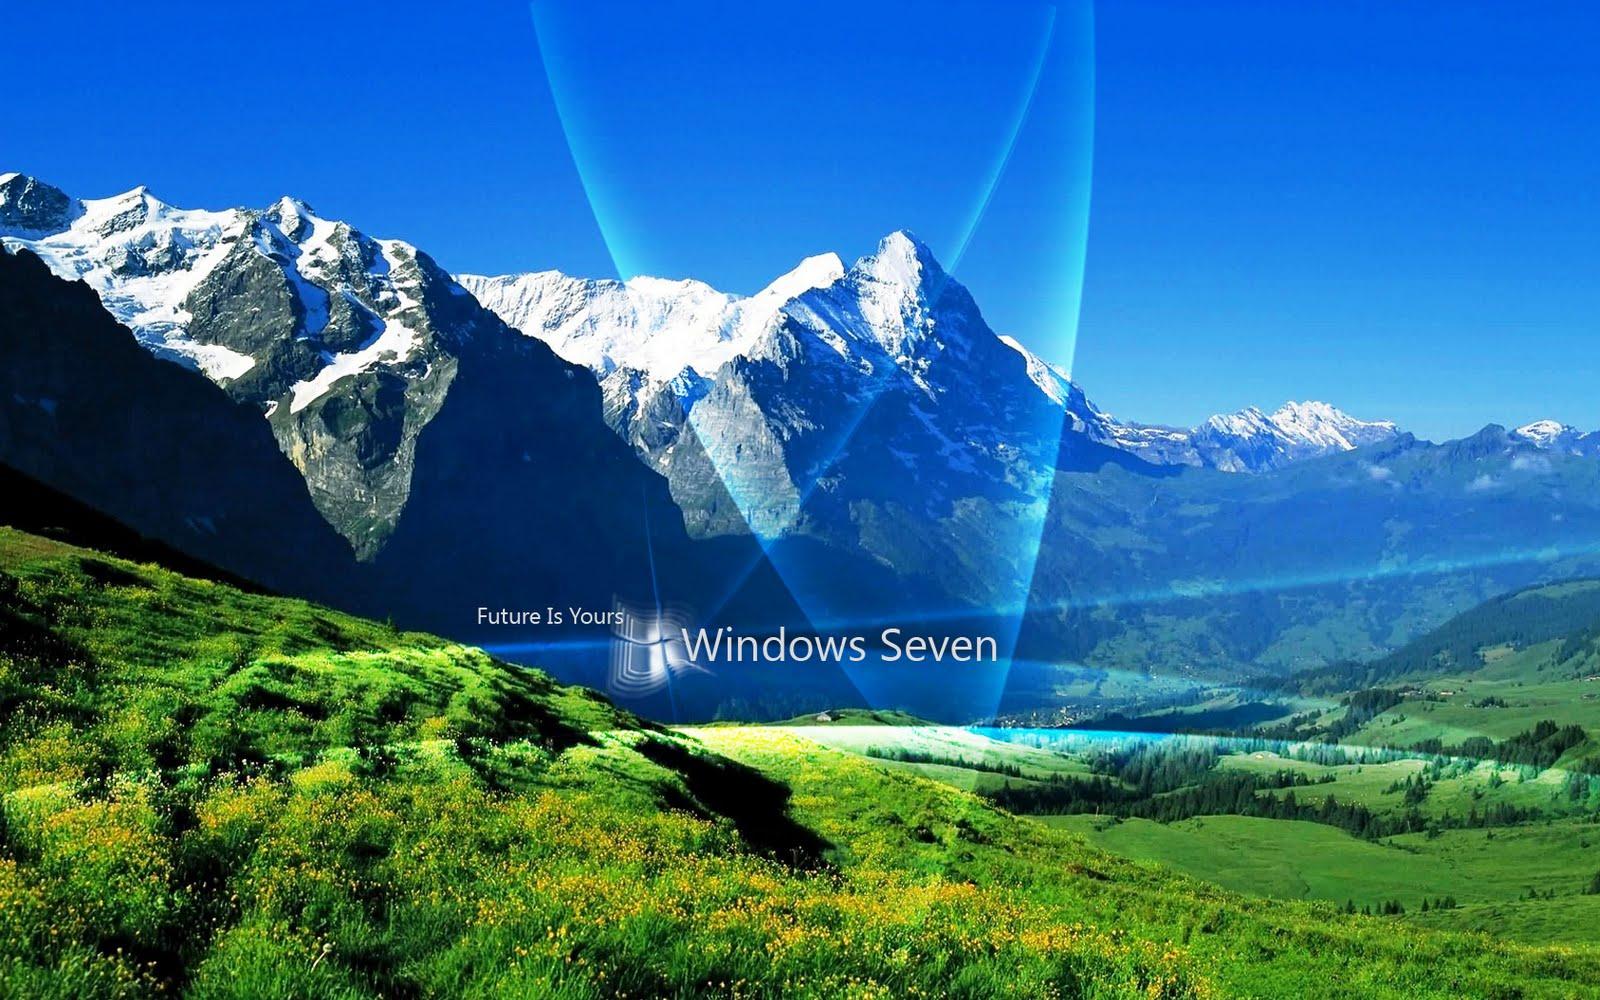 http://4.bp.blogspot.com/-LHmDdXkX1XQ/TkDVVD5BcjI/AAAAAAAABtI/-J7FplUyMR4/s1600/windows-7-future-is-yours-wallpaper.jpg